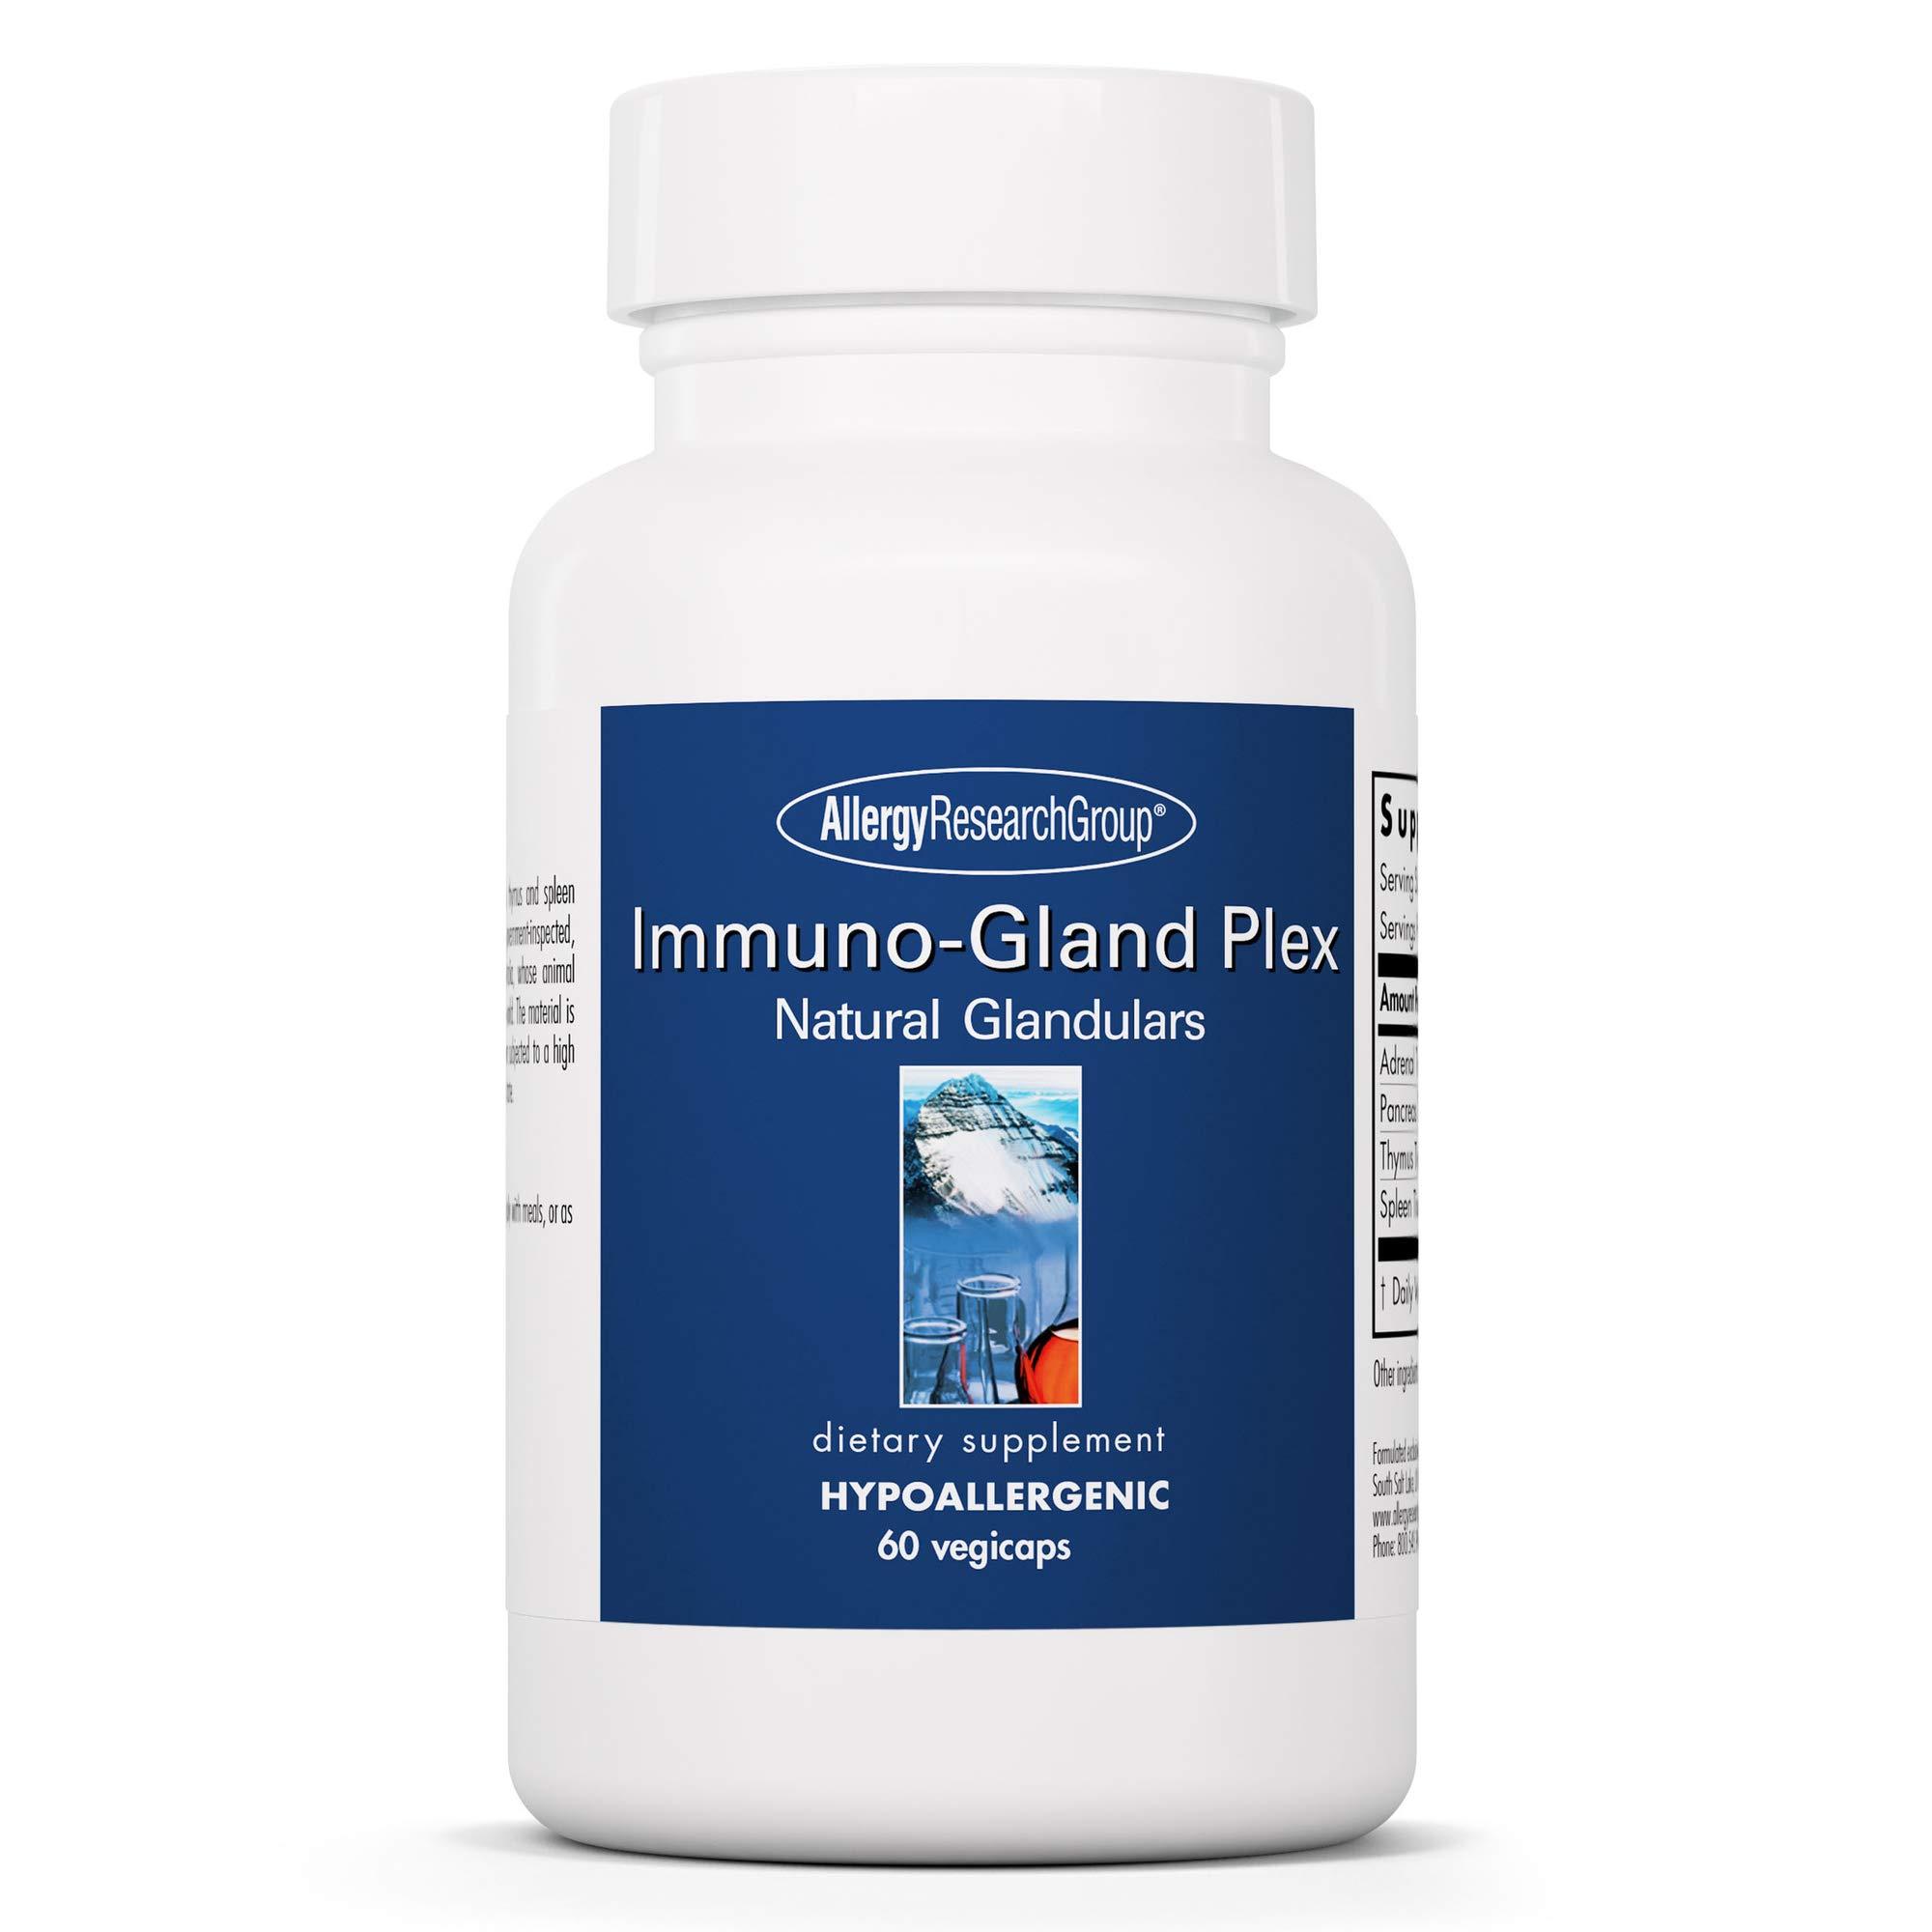 Allergy Research Group - Immuno-Gland Plex - Adrenal, Pancreas, Thymus, Spleen - 60 Vegicaps